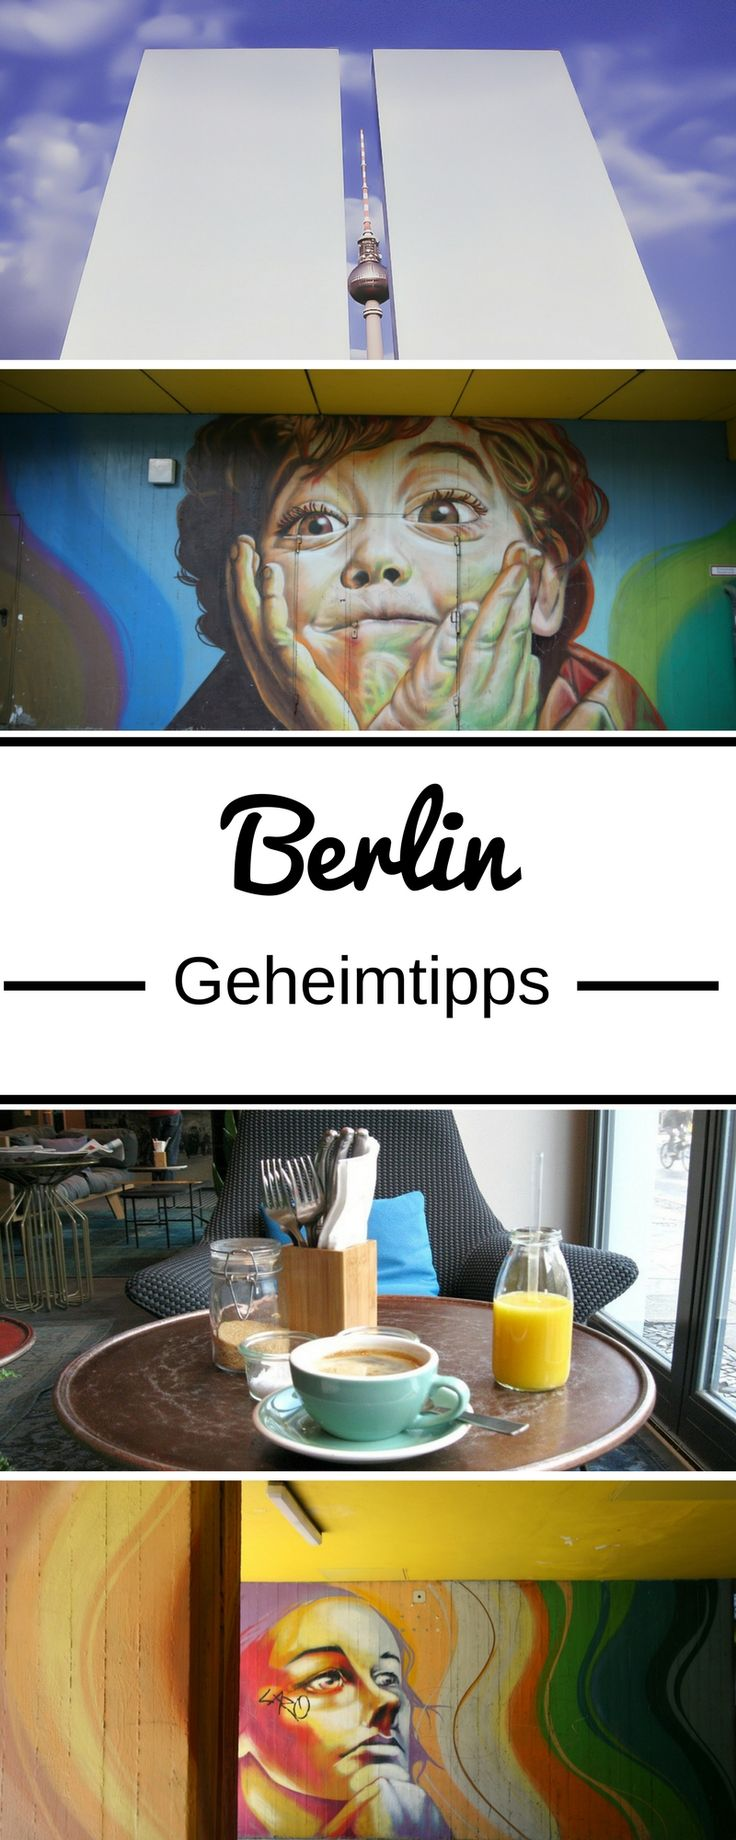 Berlin Geheimtipps einer Einheimischen. Anneli lebt seit 30 Jahren in der Hauptstadt. Im Artikel verrät sie euch ihre Berlin Insidertipps zu den schönsten Hotels, Restaurants, Cafés und Sehenswürdigkeiten – ob für Sommer, Winter oder bei Regen. #Deutschland #Berlin #Reiseblog #Reiseblogger